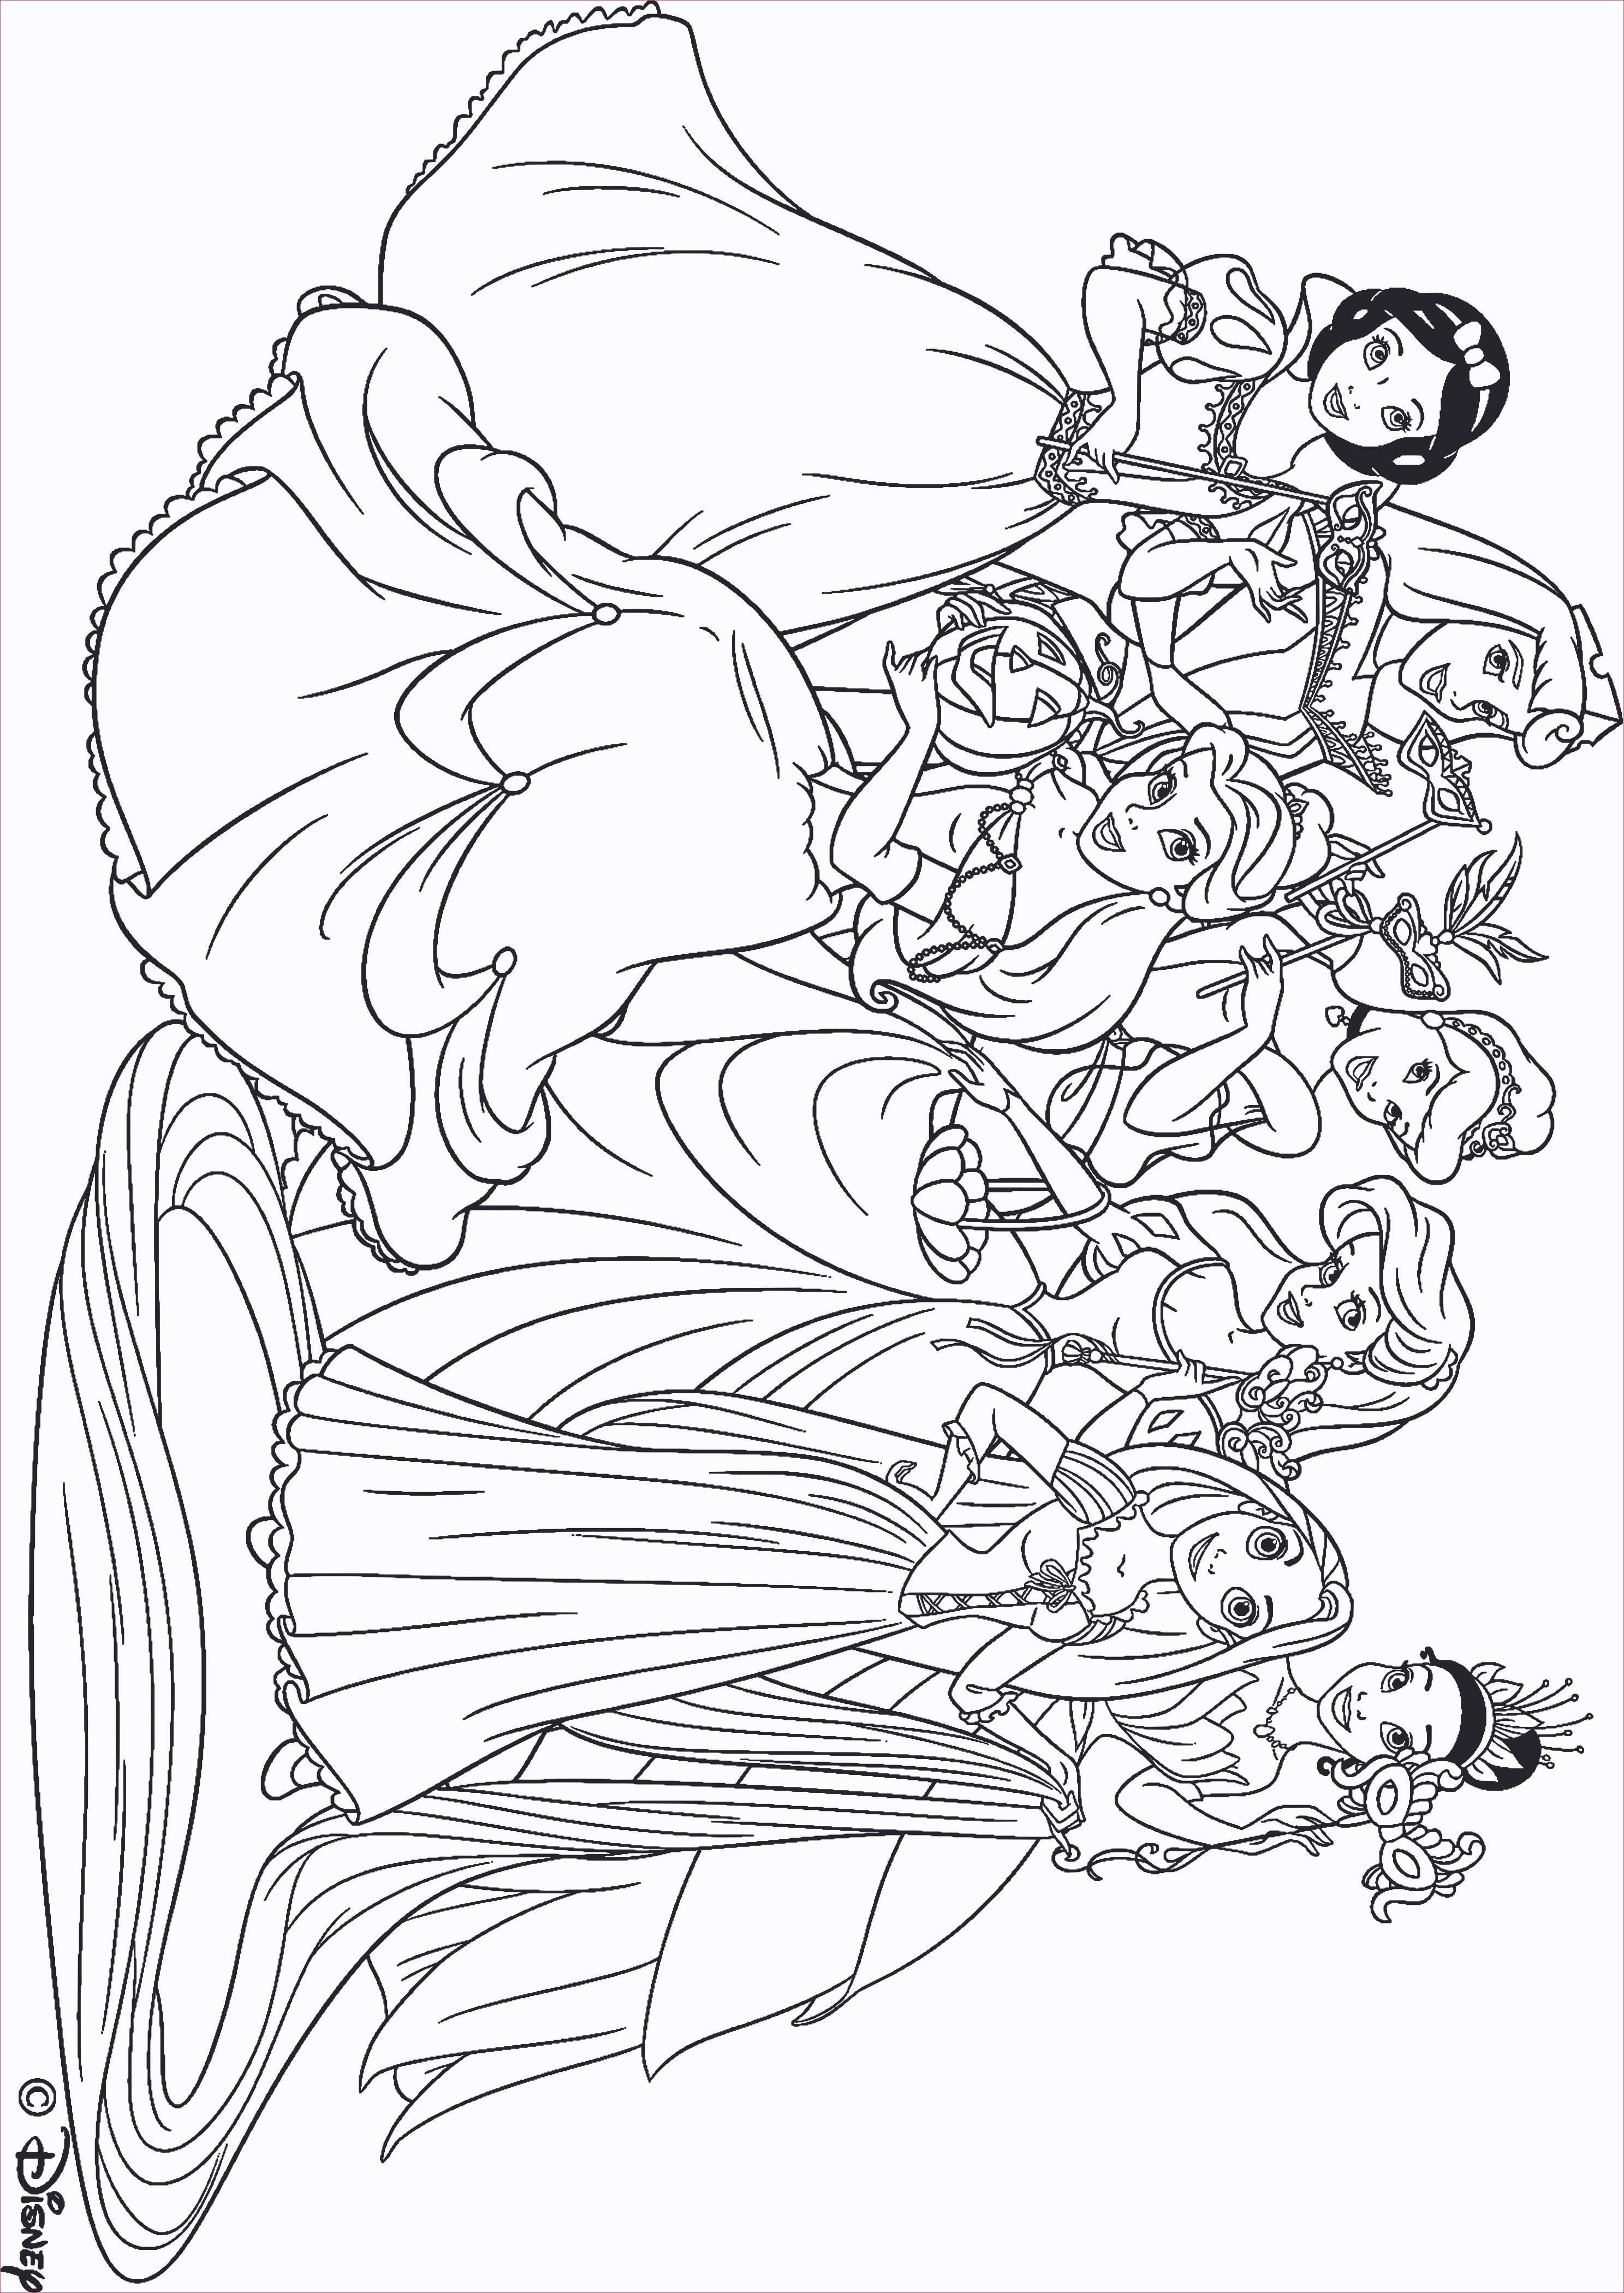 Sankt Martin Ausmalbilder Einzigartig St Martin Ausmalbilder Model Designs 37 Disney Ausmalbilder Zum Das Bild